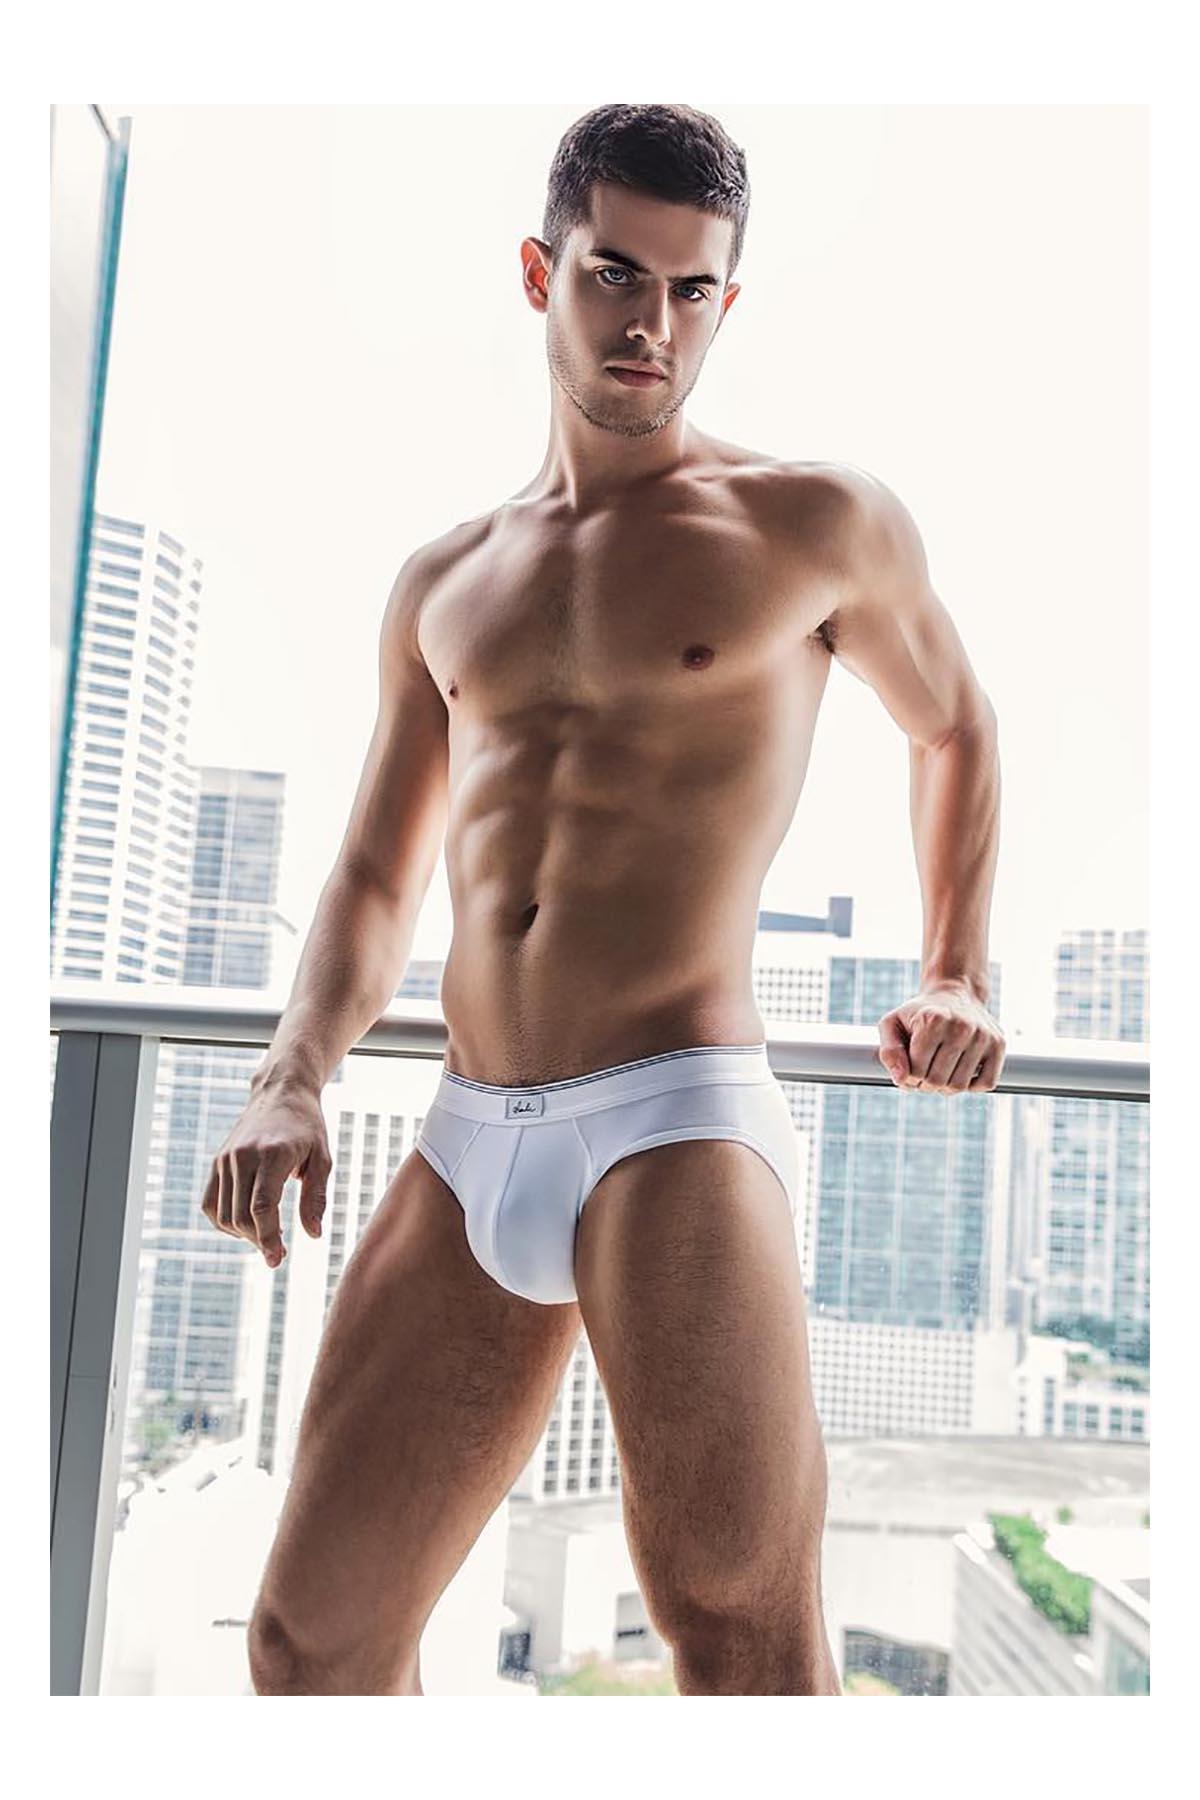 2018082202333630 - 巴西帅气肌肉男模 Andre Luis Brunelli / Alex Jackson摄影作品